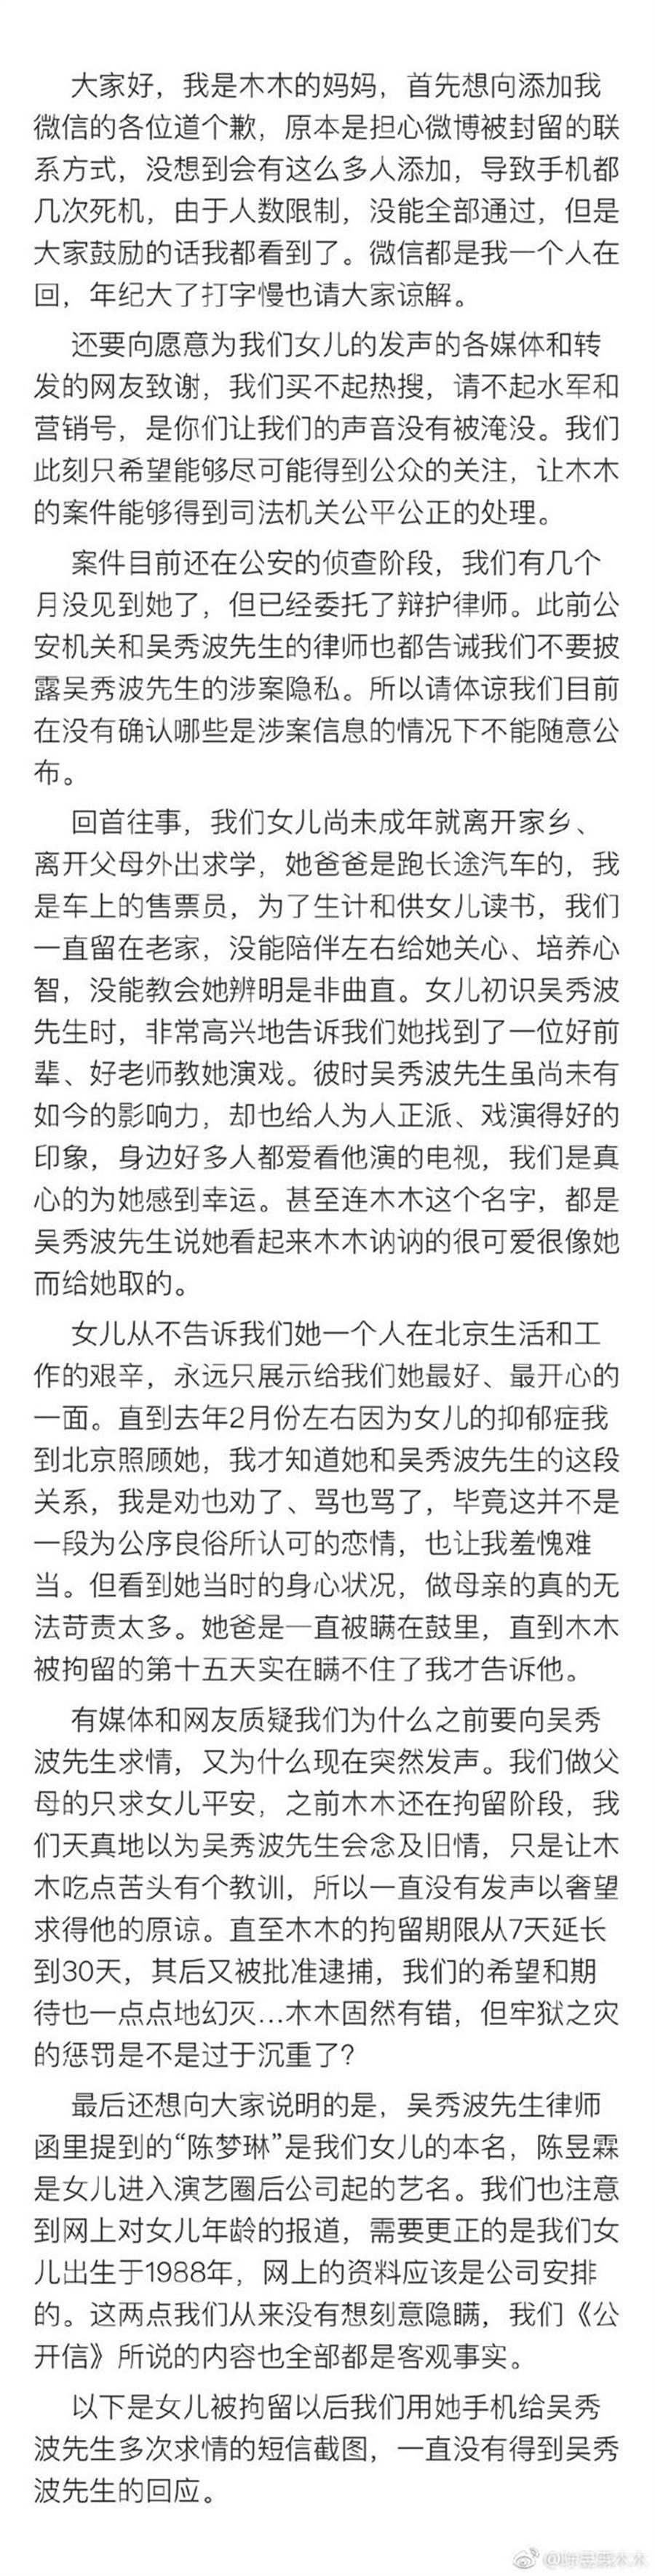 陳昱霖母親發文。(圖/翻攝自陳昱霖木木微博)